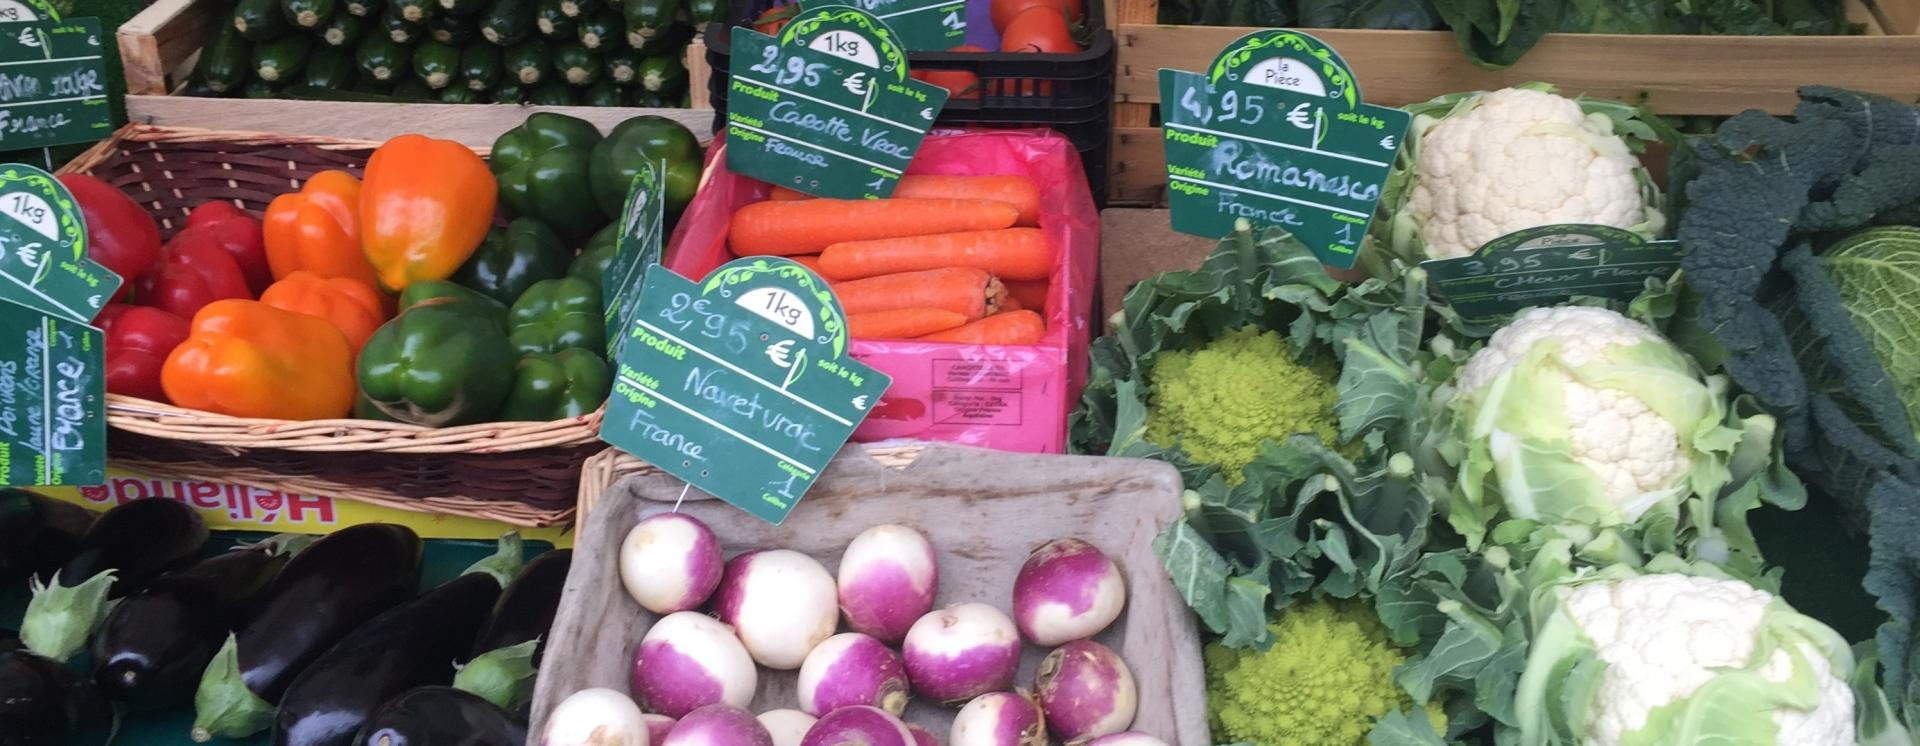 Poučevanje o lokalnih in trajnostnih prehranskih sistemih